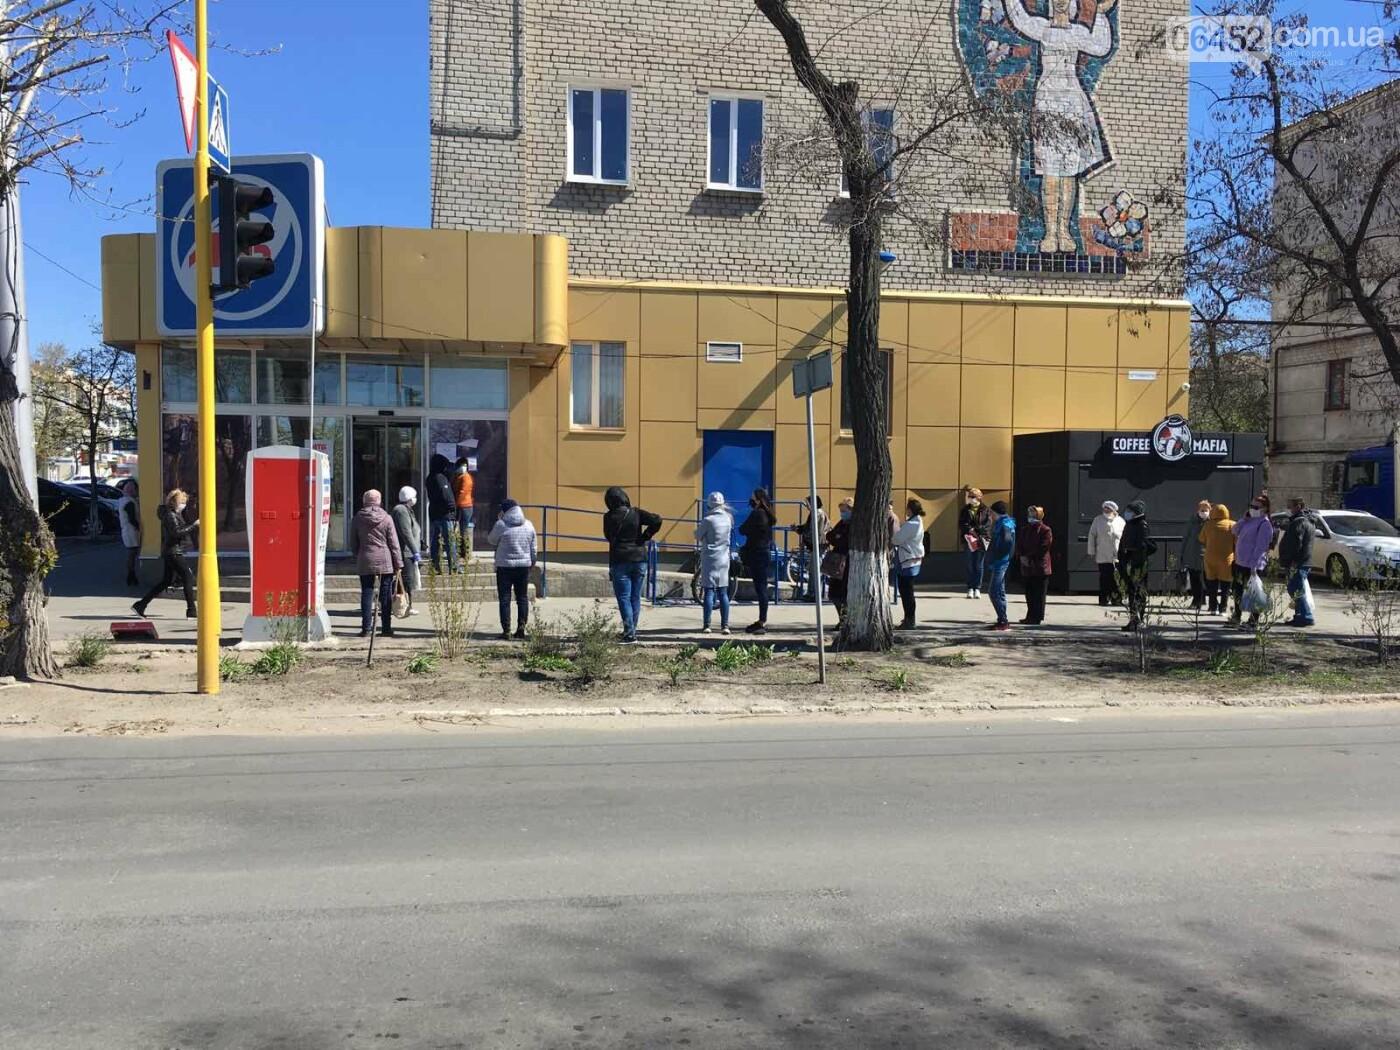 У северодонецкого супермаркета собираются огромные очереди ( фото), фото-1